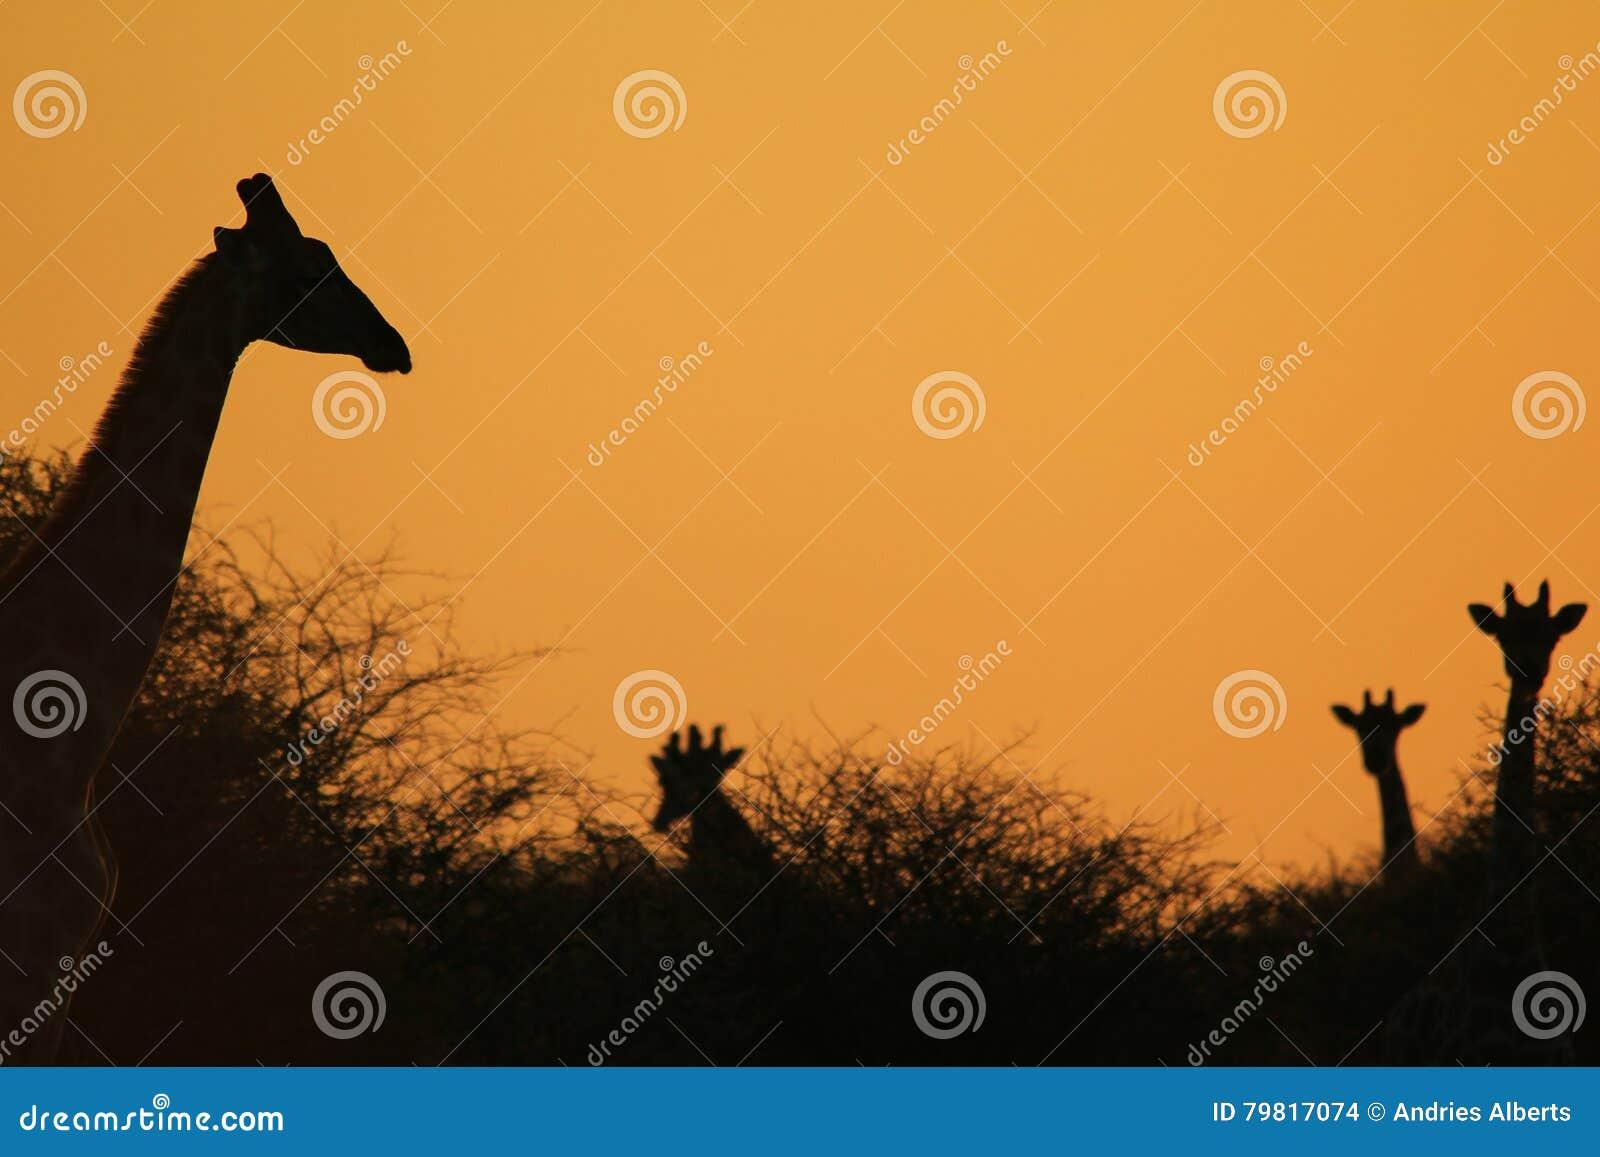 47f7974fa13 Een kleine kudde van Zuidafrikaanse Giraffen stelt in silhouet tegen een  rustige, elegante en mooie zonsonderganghemel, zoals die in de wildernis  van ...